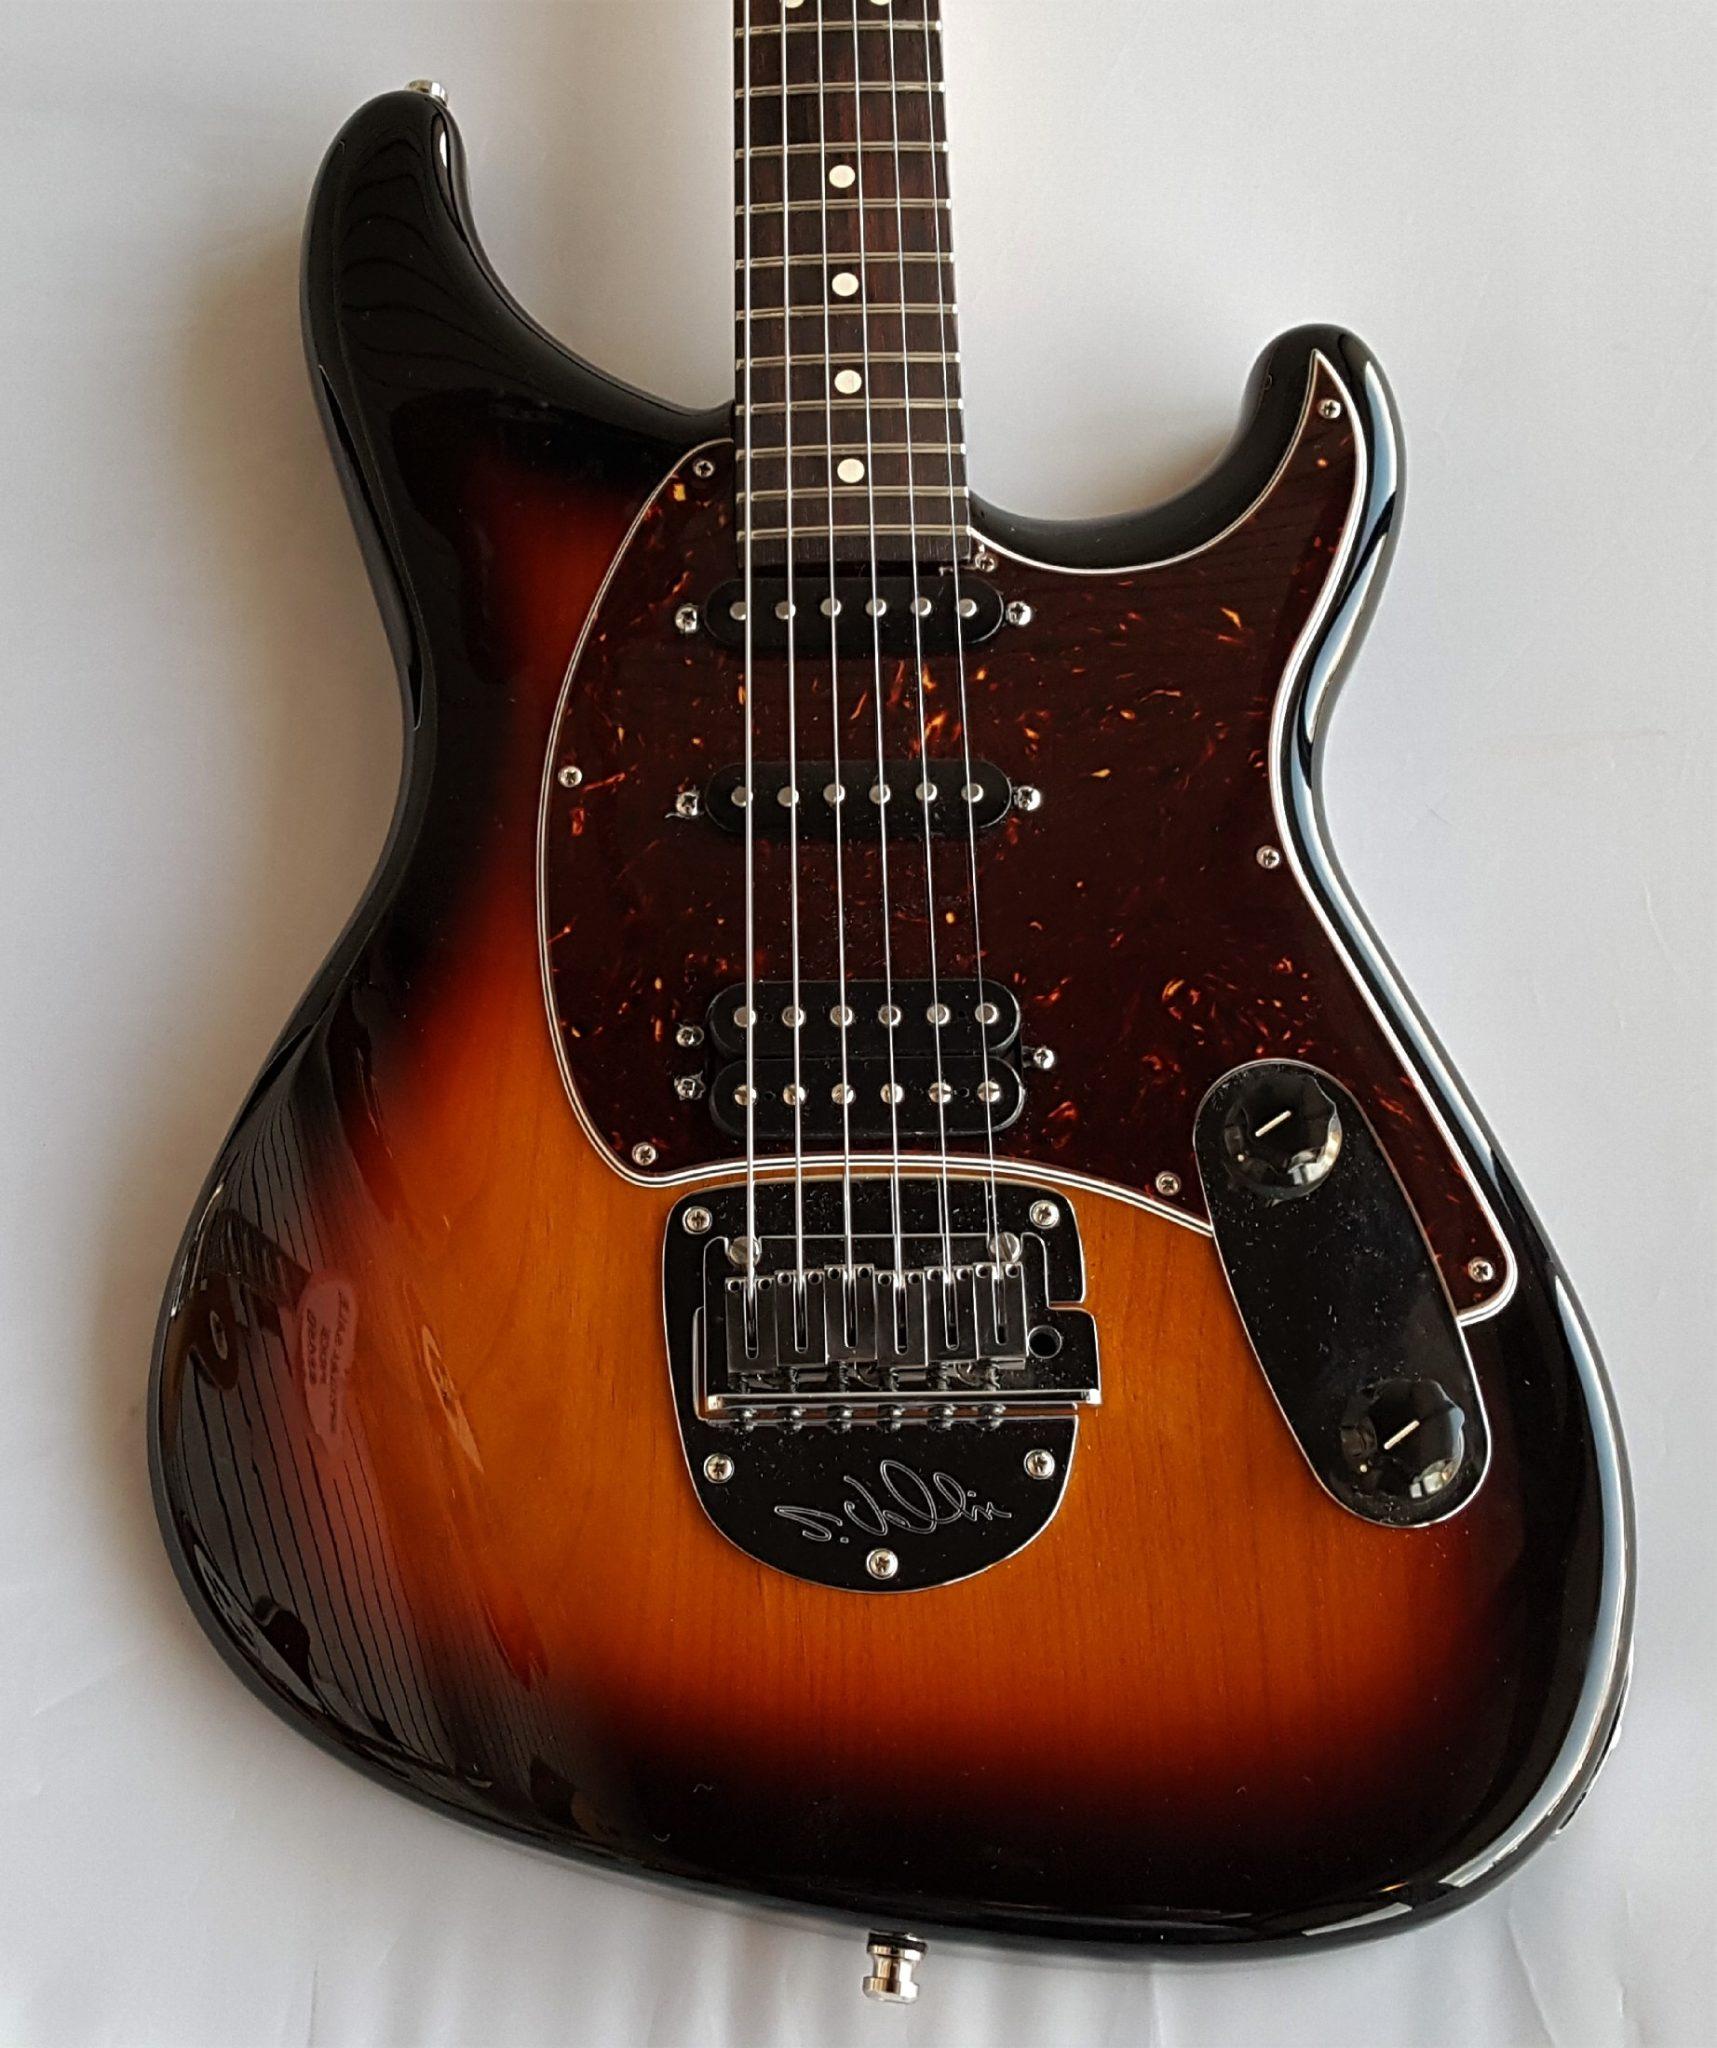 Fender Sergio Vallin Signature Electric Guitar